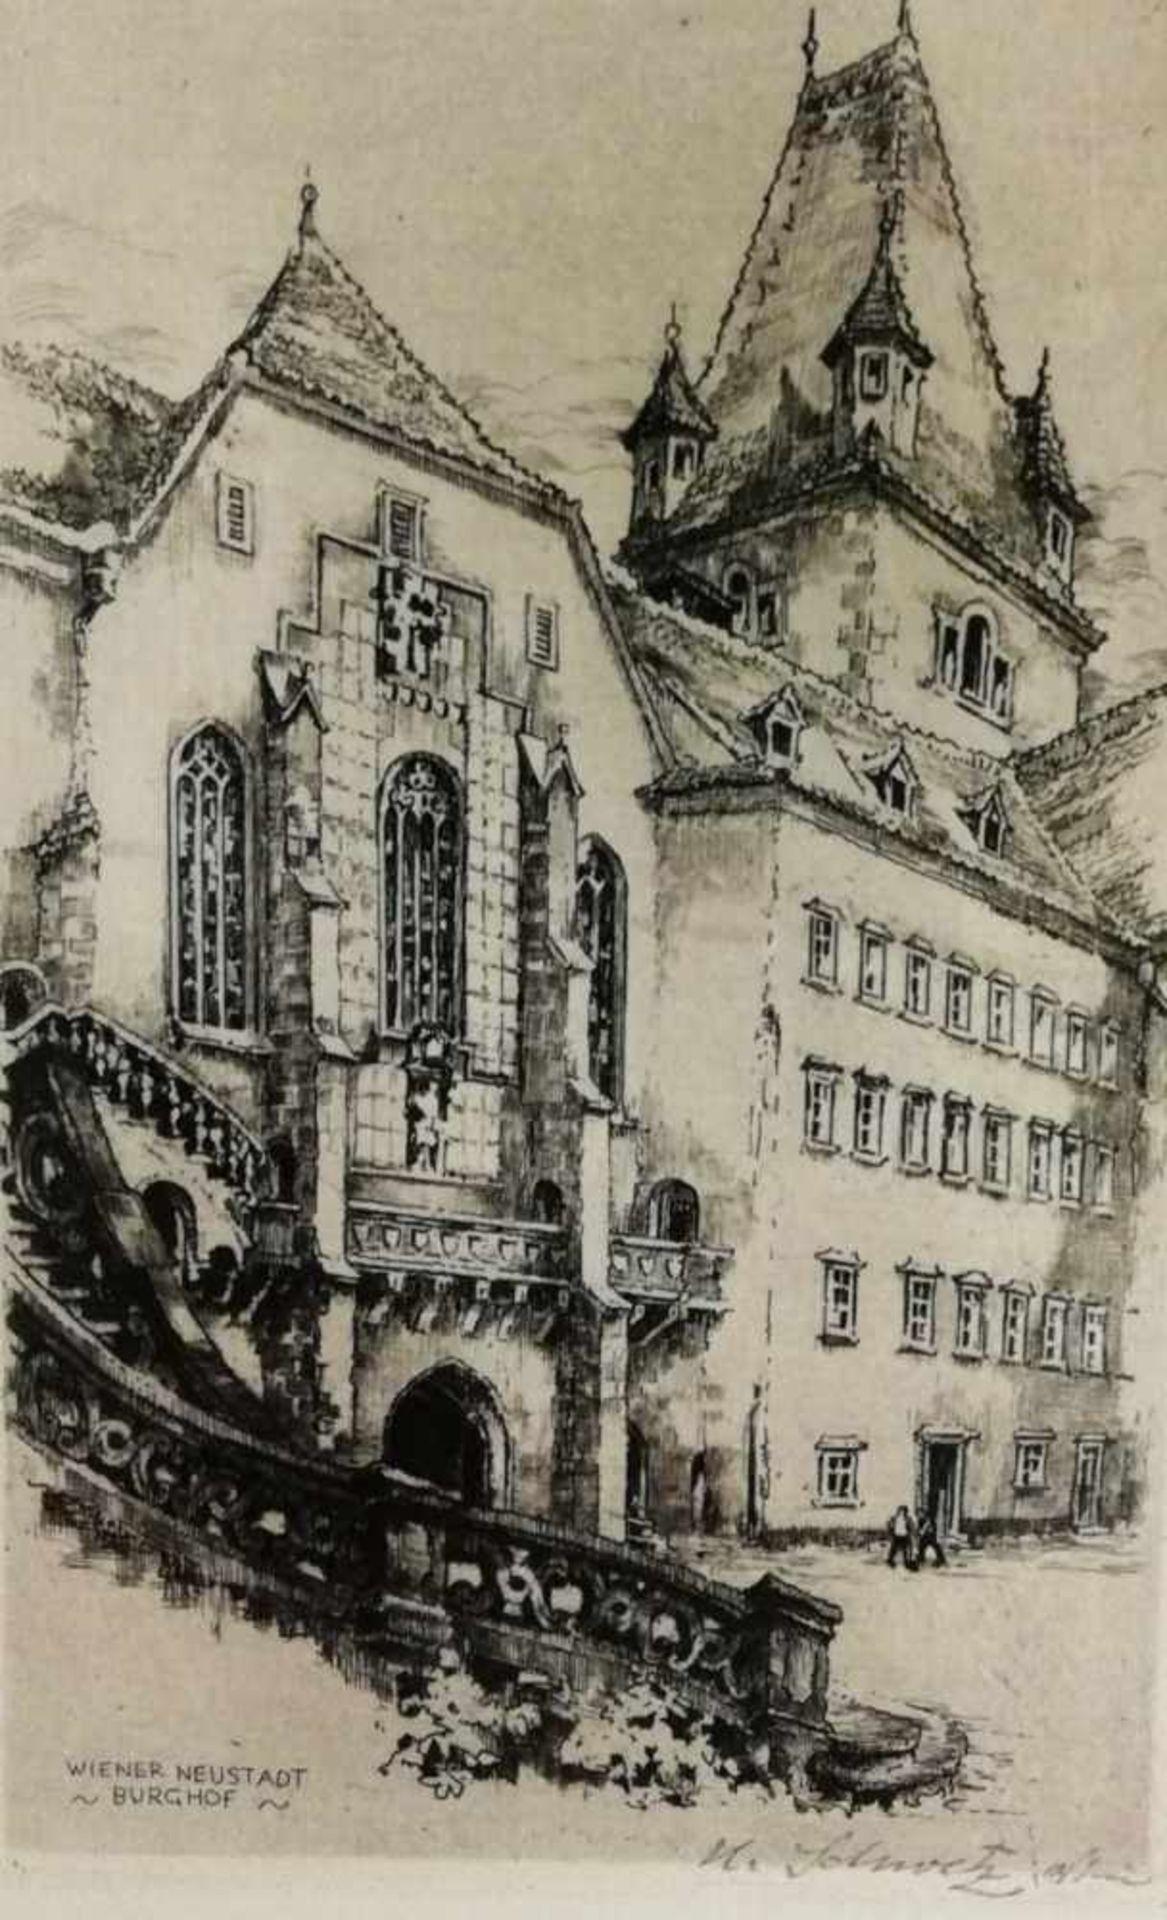 Los 14 - Karl Schwetz (Kanitz/Eibenschütz/Mähren 1888-1965)Wiener Neustadt, Burghof, Radierung, signiert K.